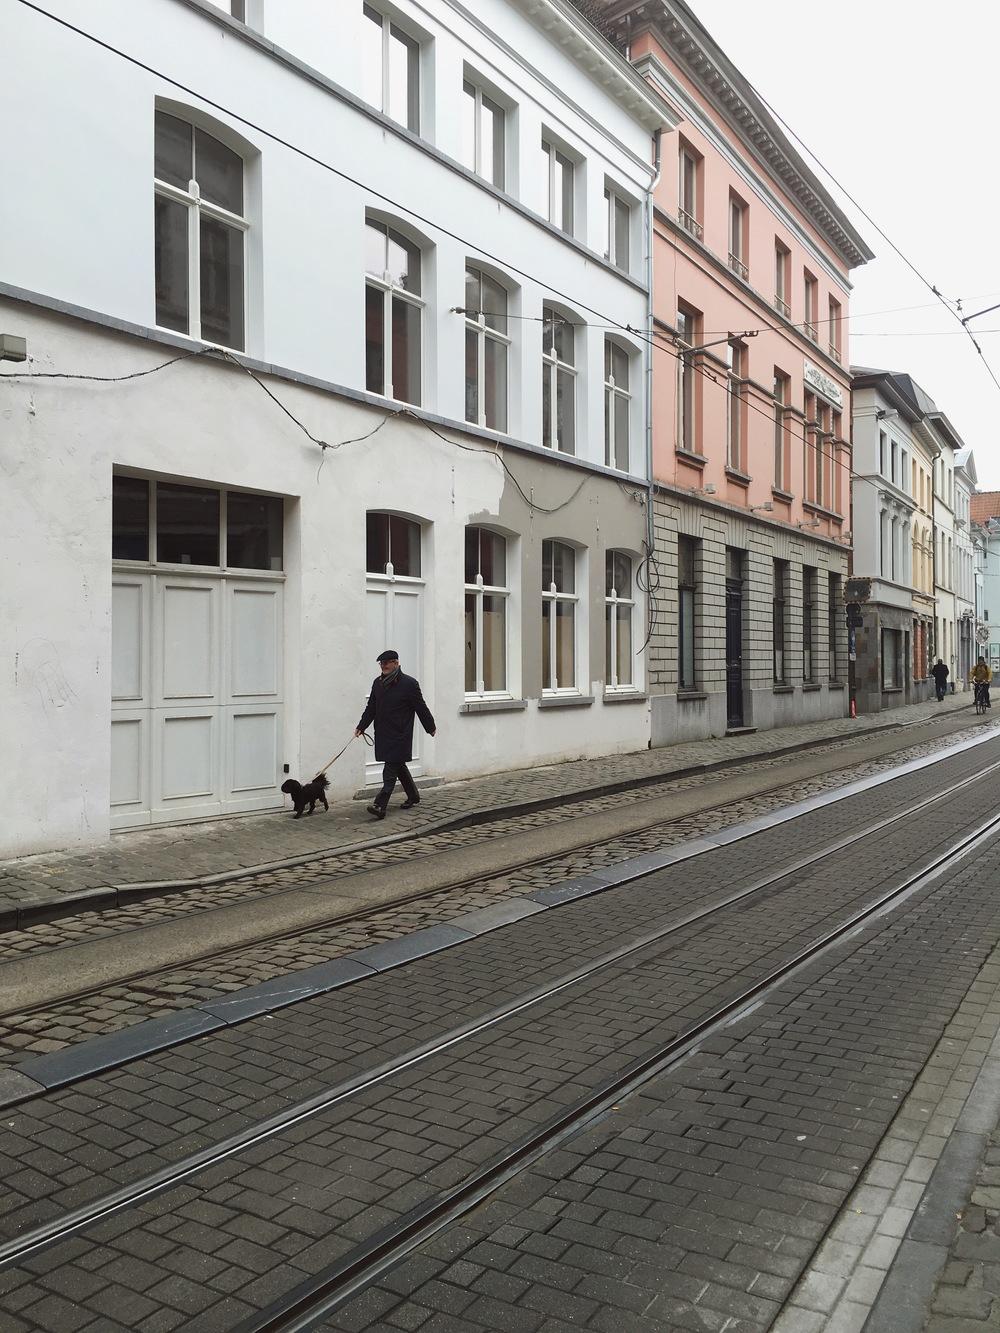 ghentstreet.JPG